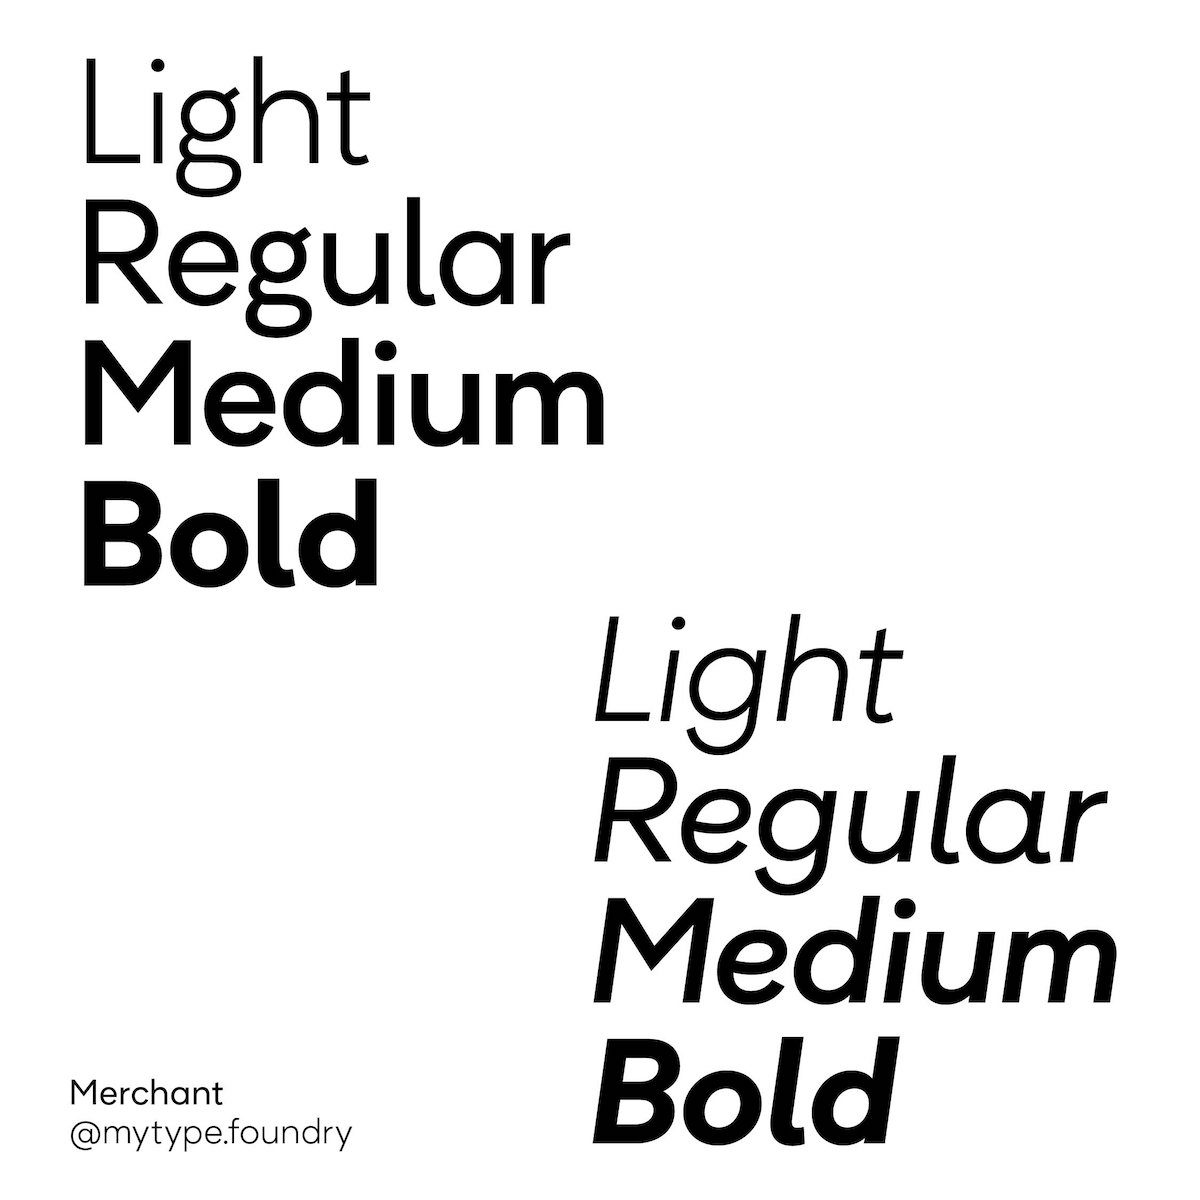 Merchant Typeface